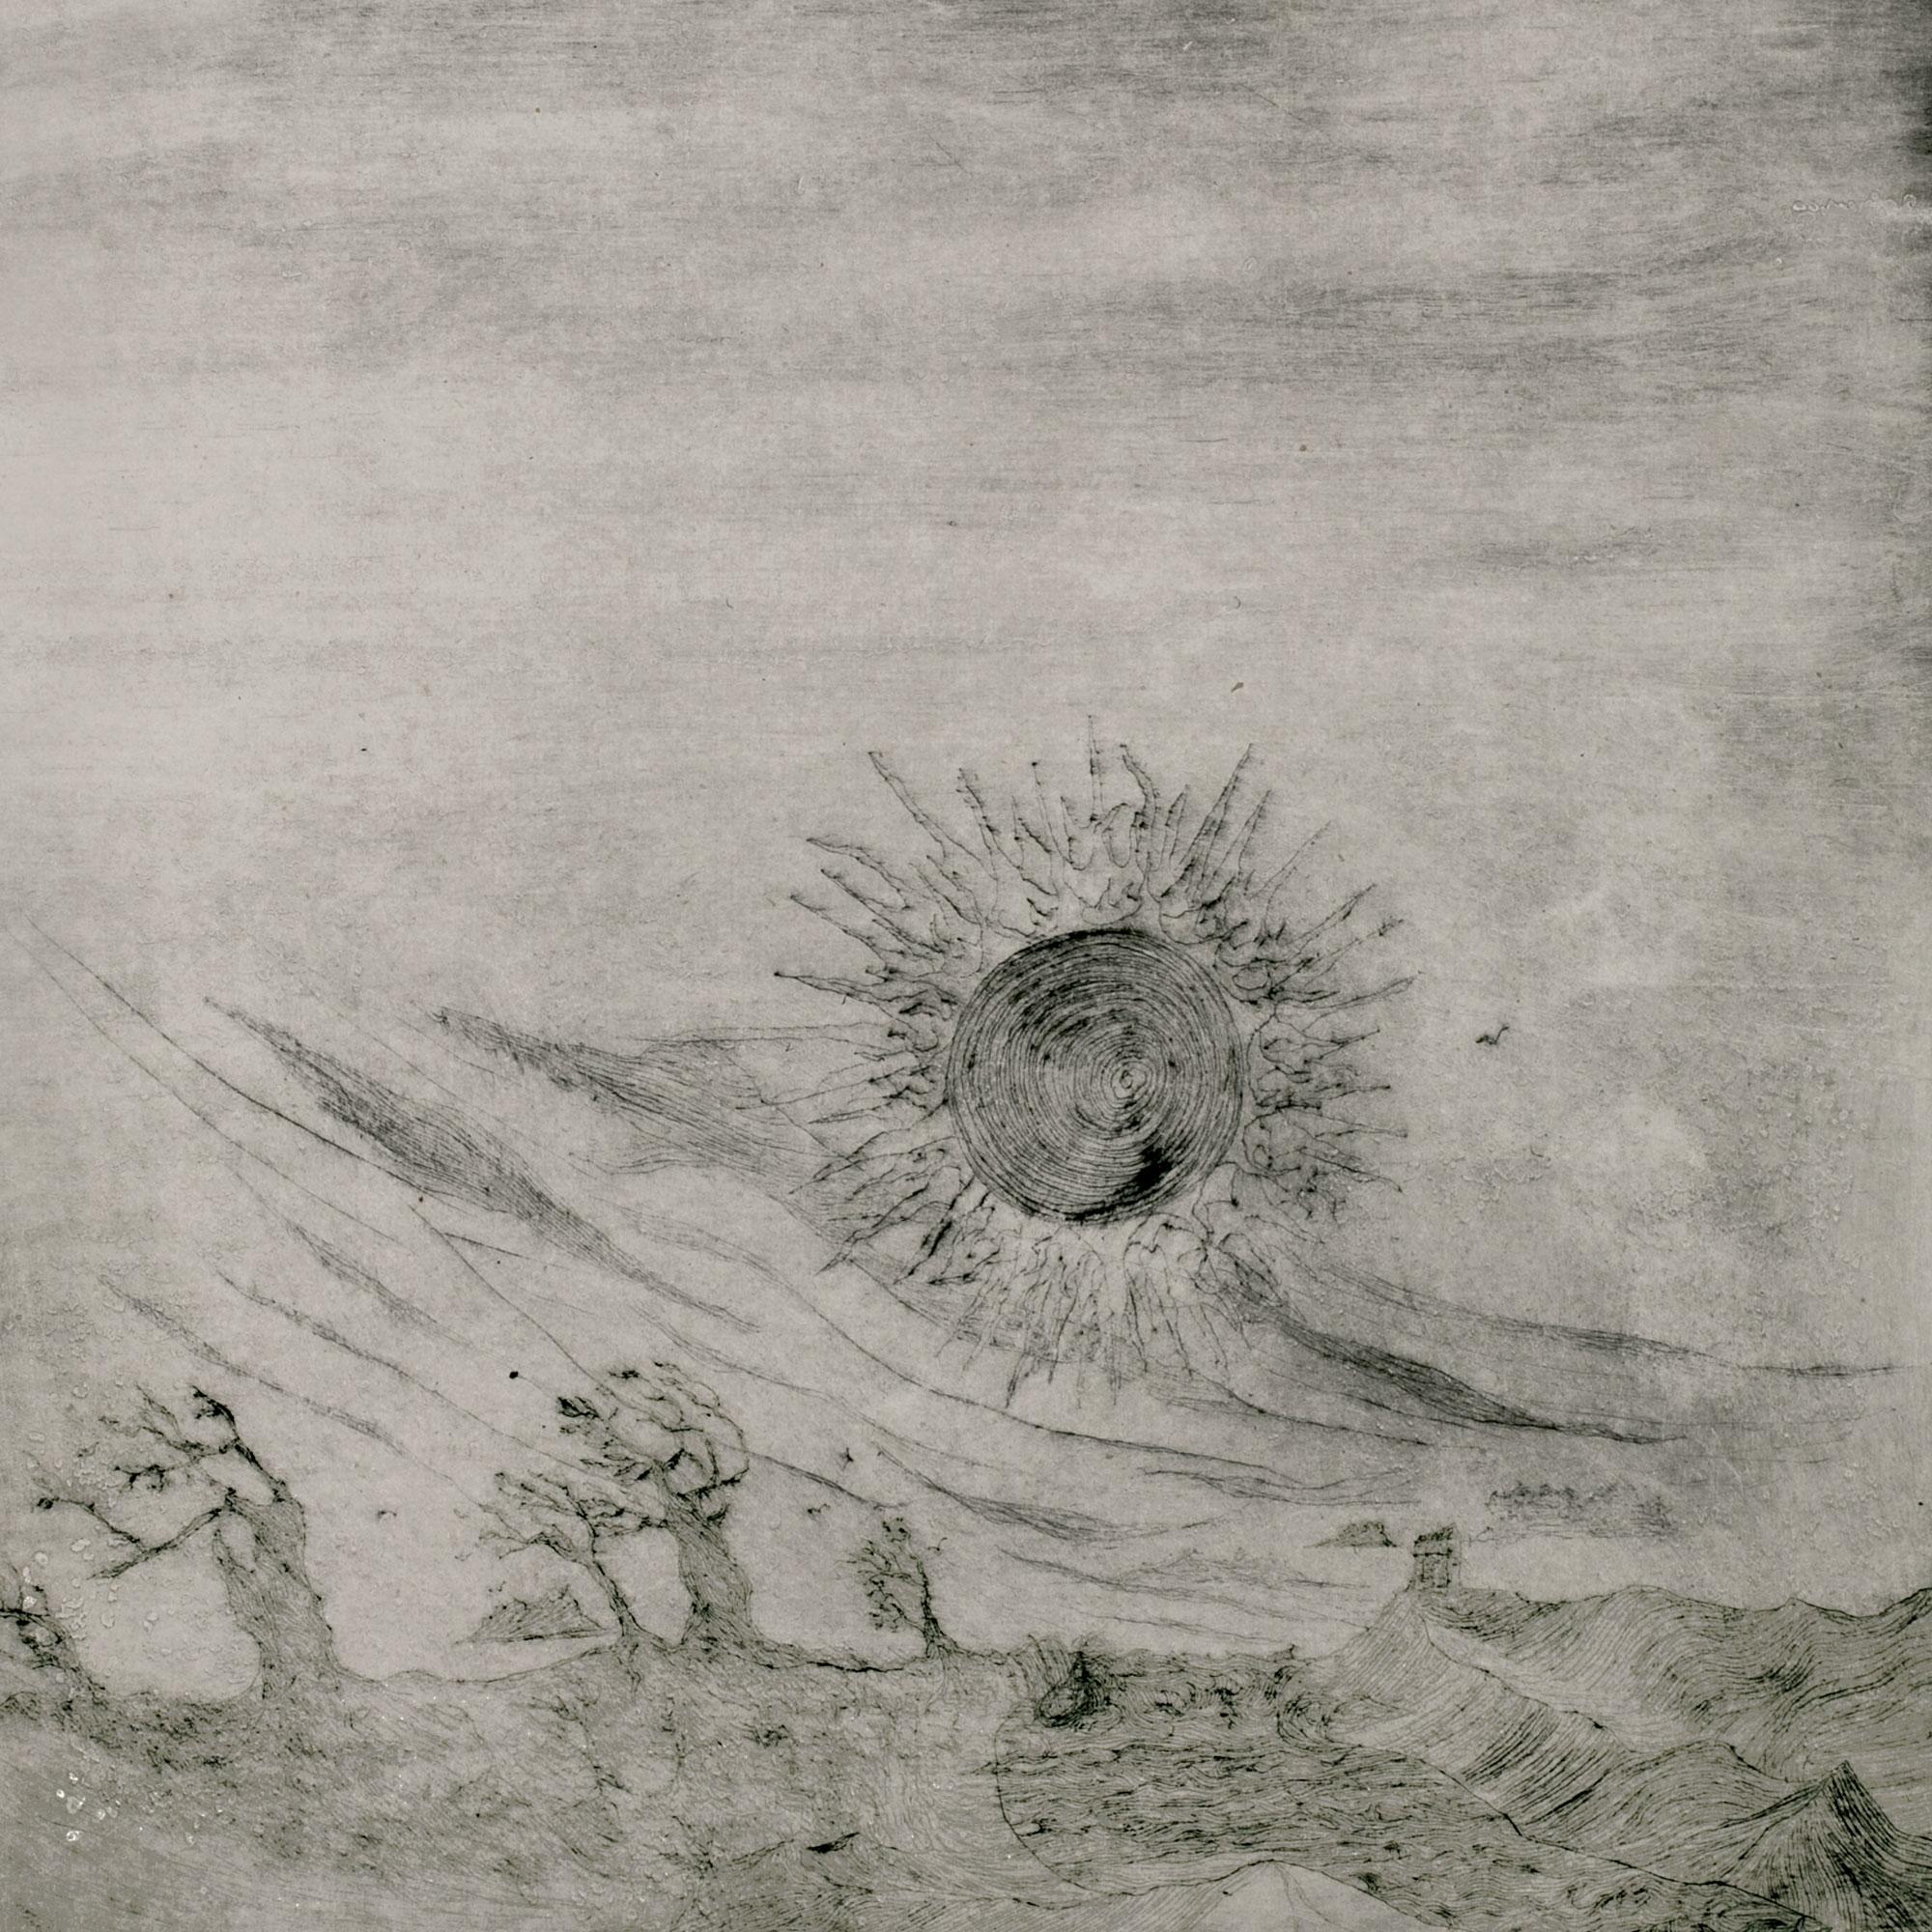 Monstruos Y Duendes Vol. 2 : Longhin Image